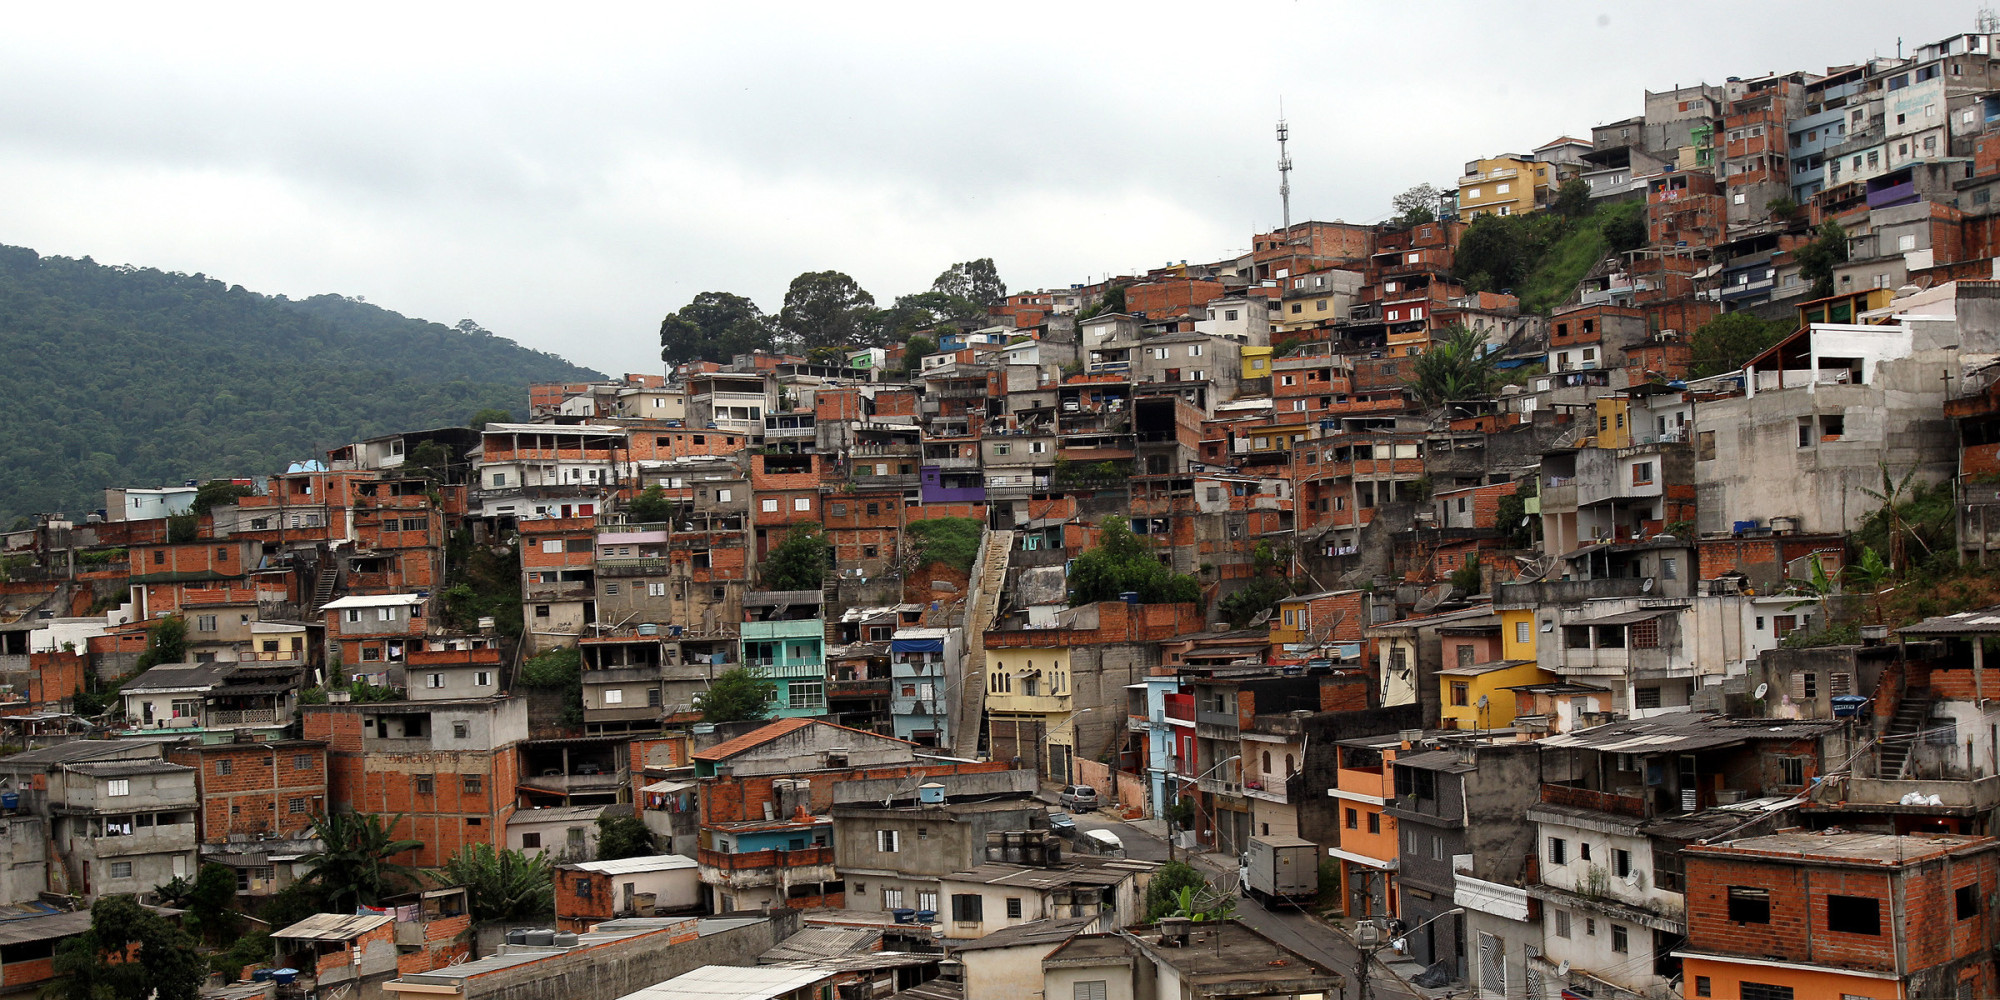 estudo moradores de favelas movimentam r 68 6 bilh es por ano. Black Bedroom Furniture Sets. Home Design Ideas